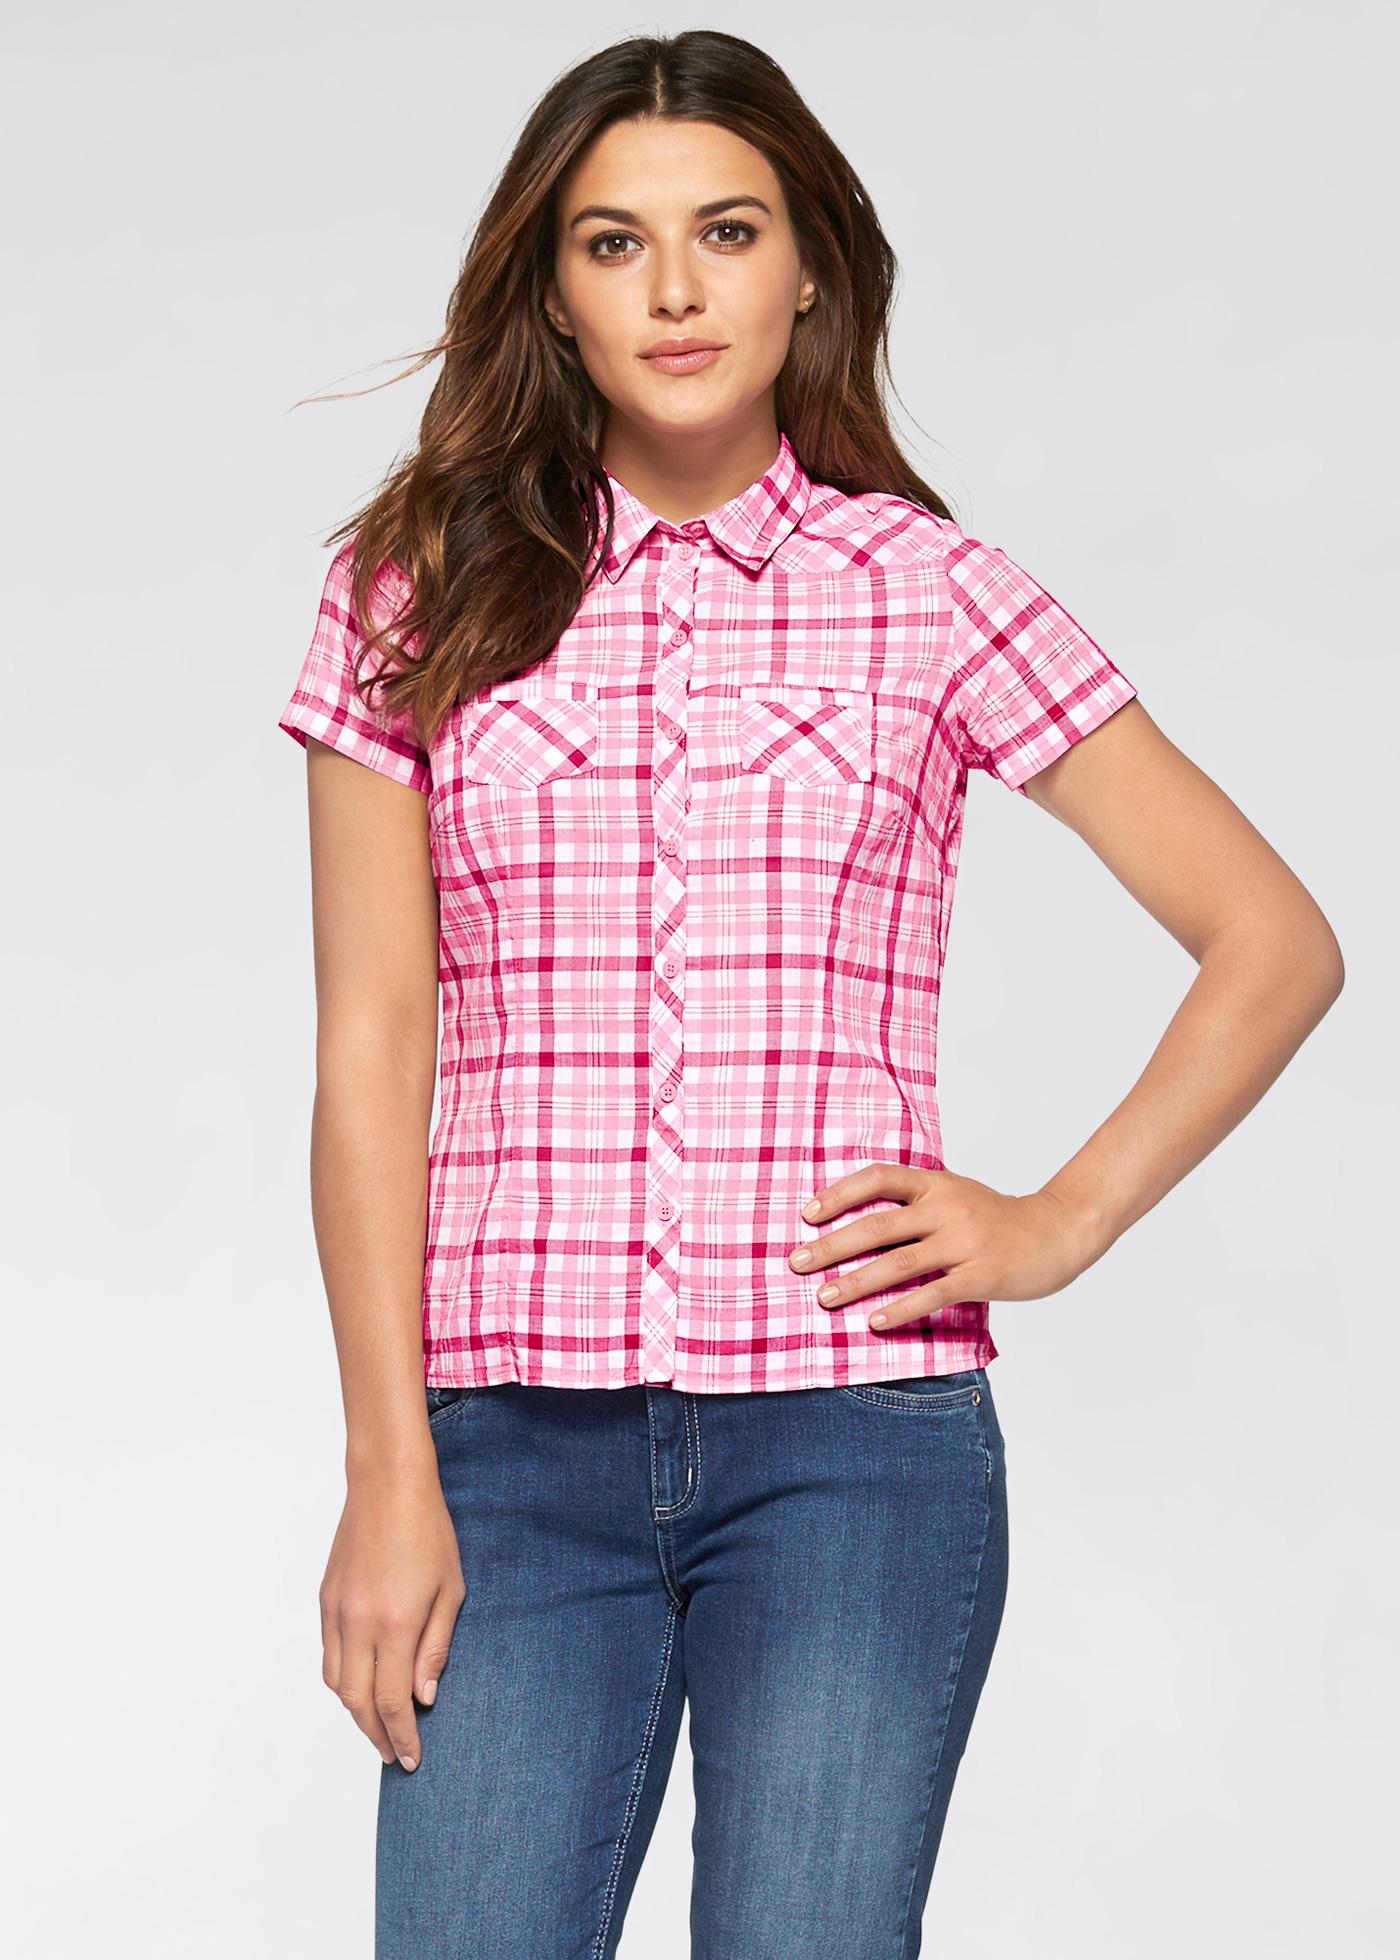 Рубашки Блузки 2014 Фото В Омске